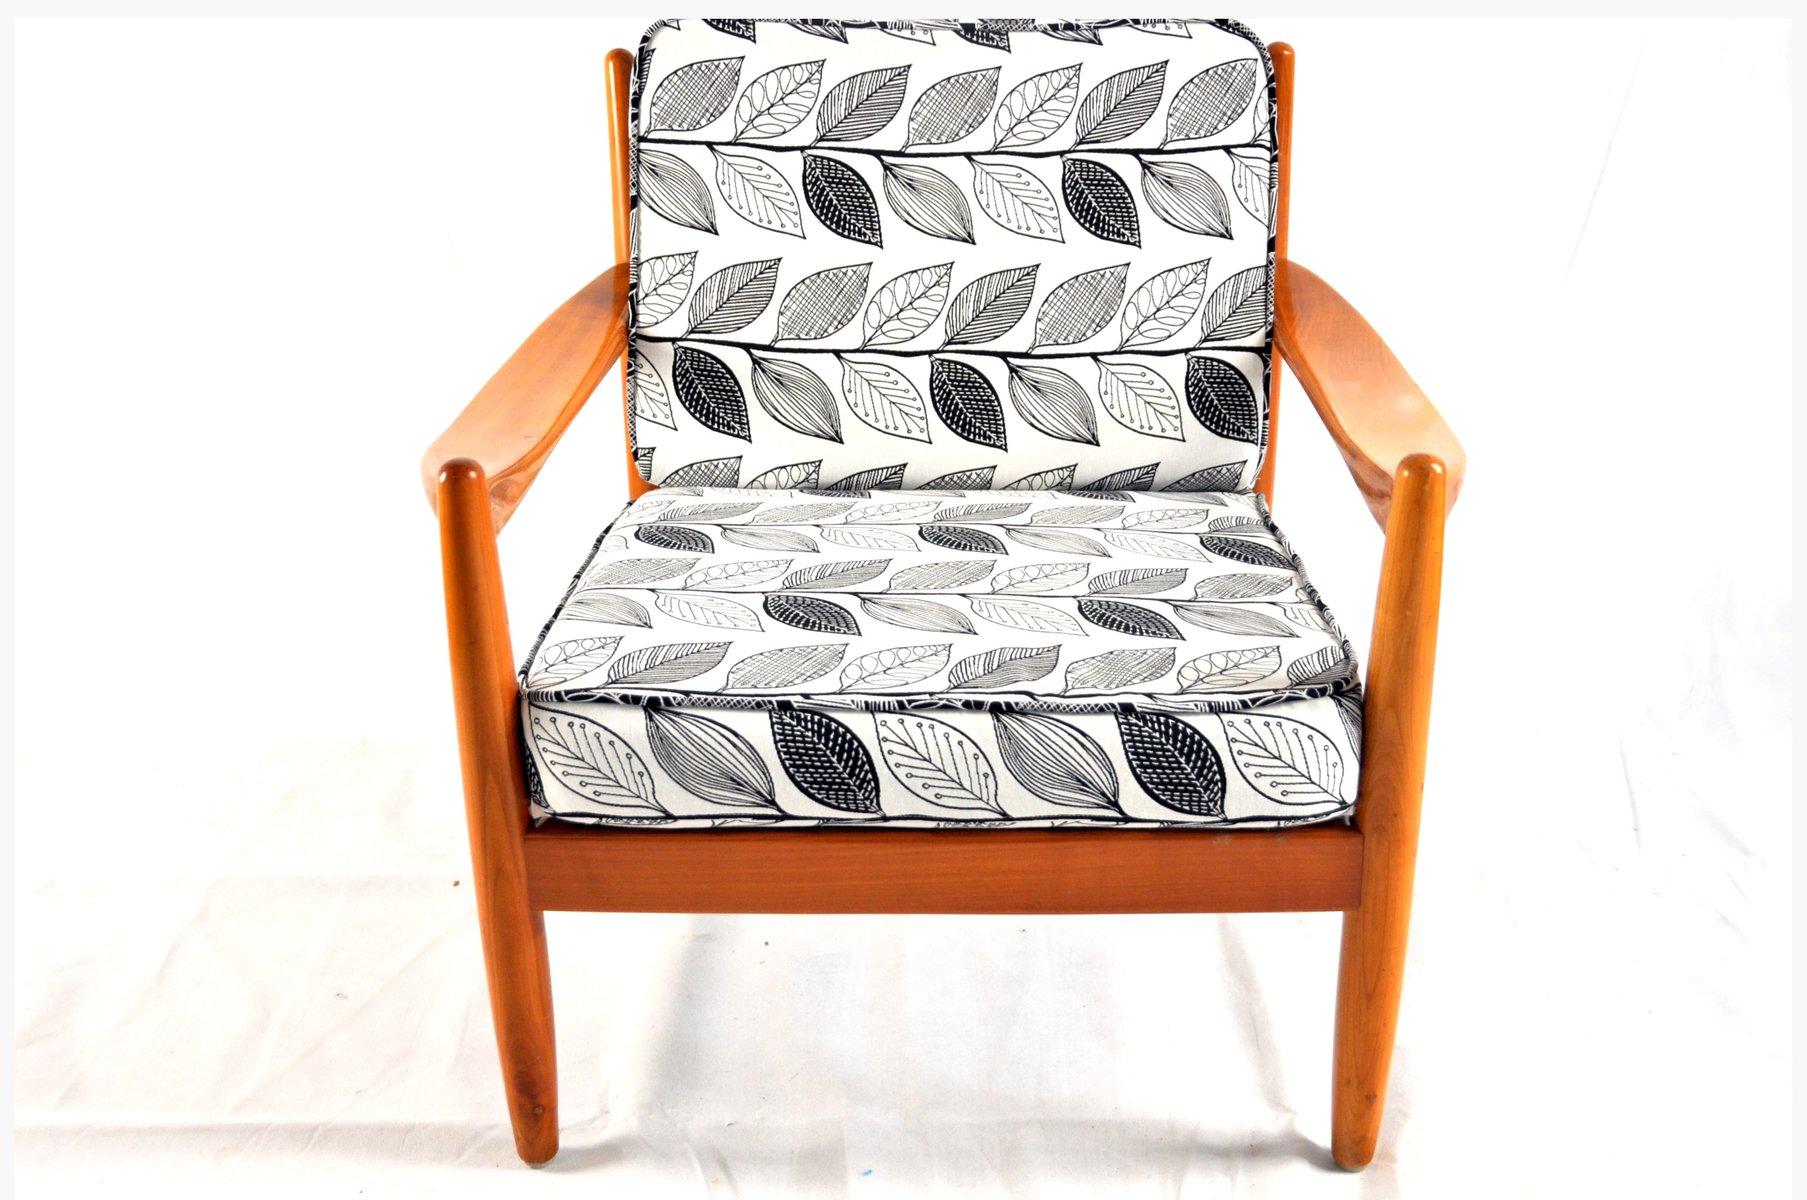 Dänischer Teak Sessel mit Blätter Aufdruck